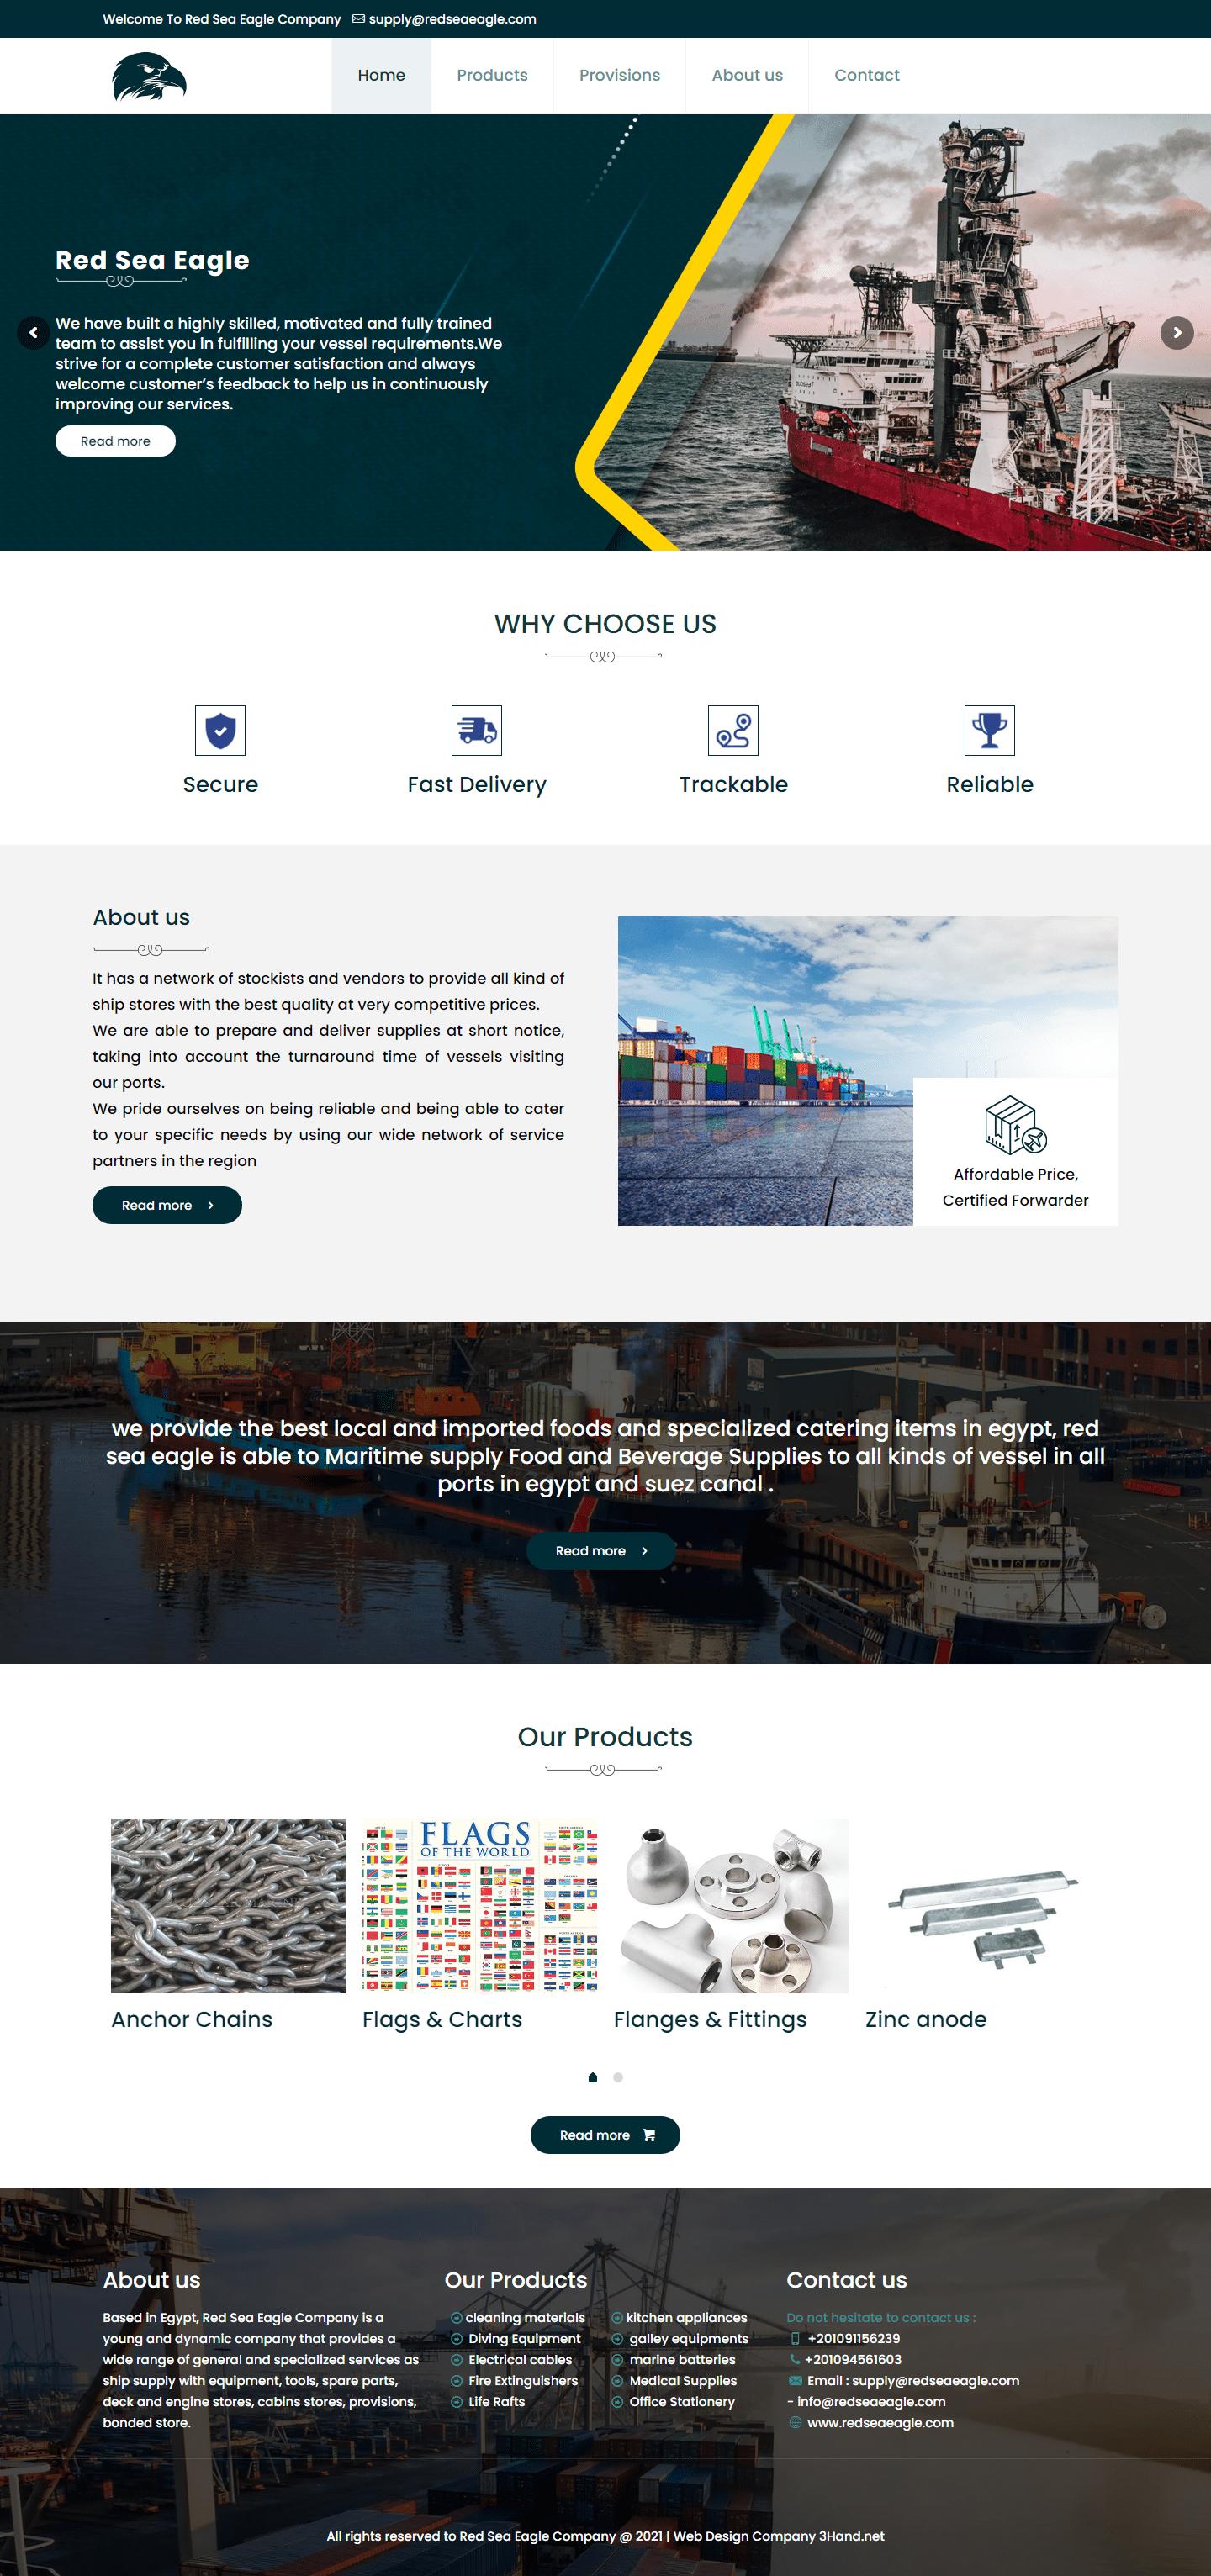 Red-Sea-Eagle-Company